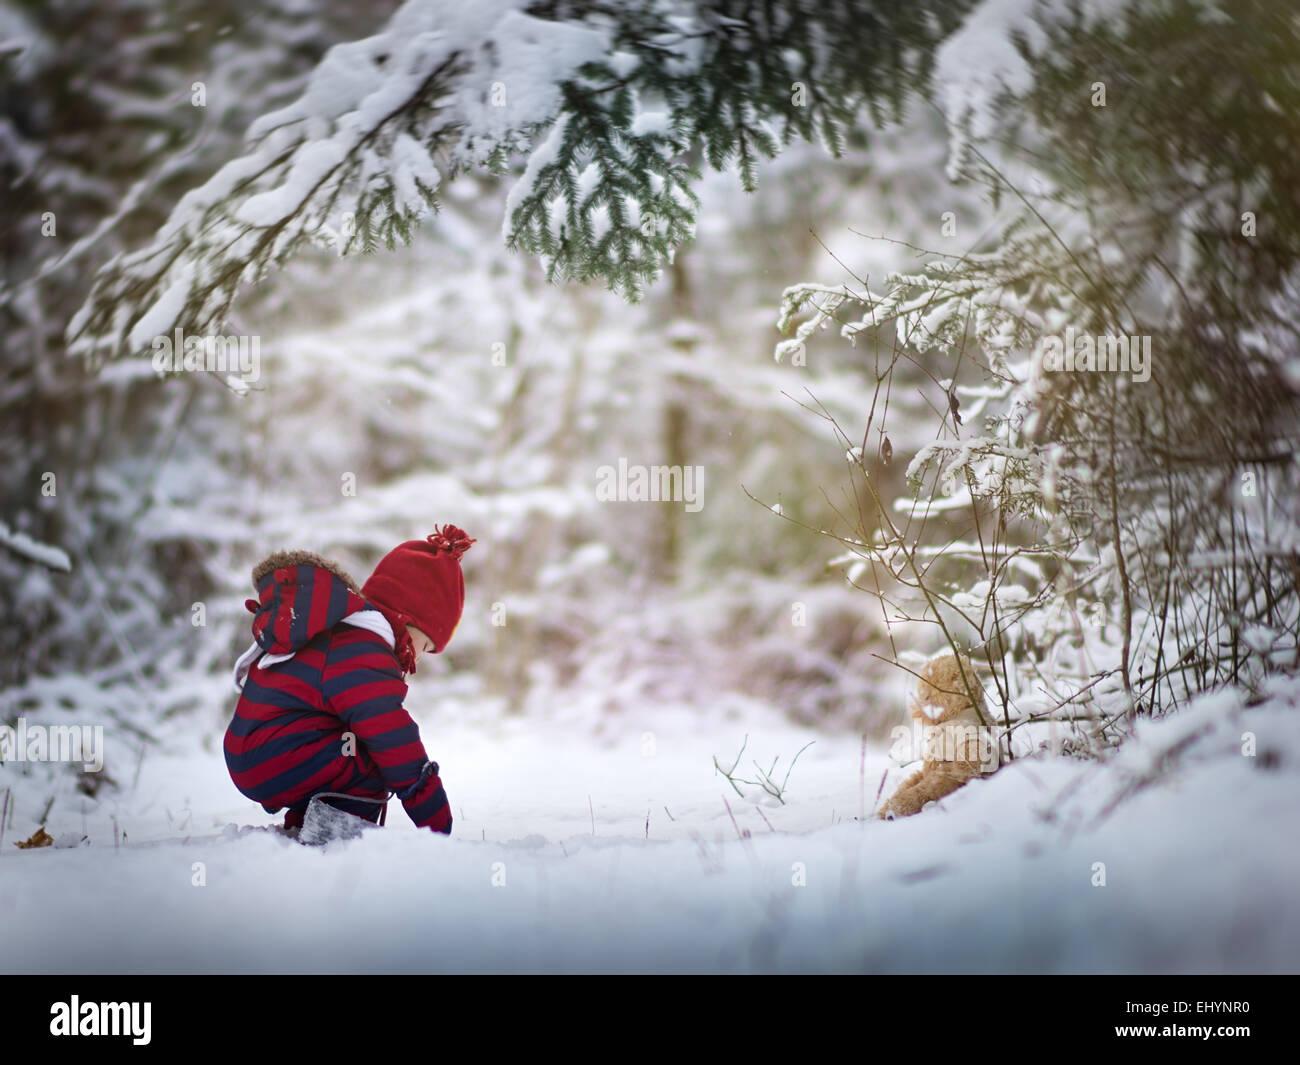 Bébé garçon dans la neige avec un ours en peluche Photo Stock